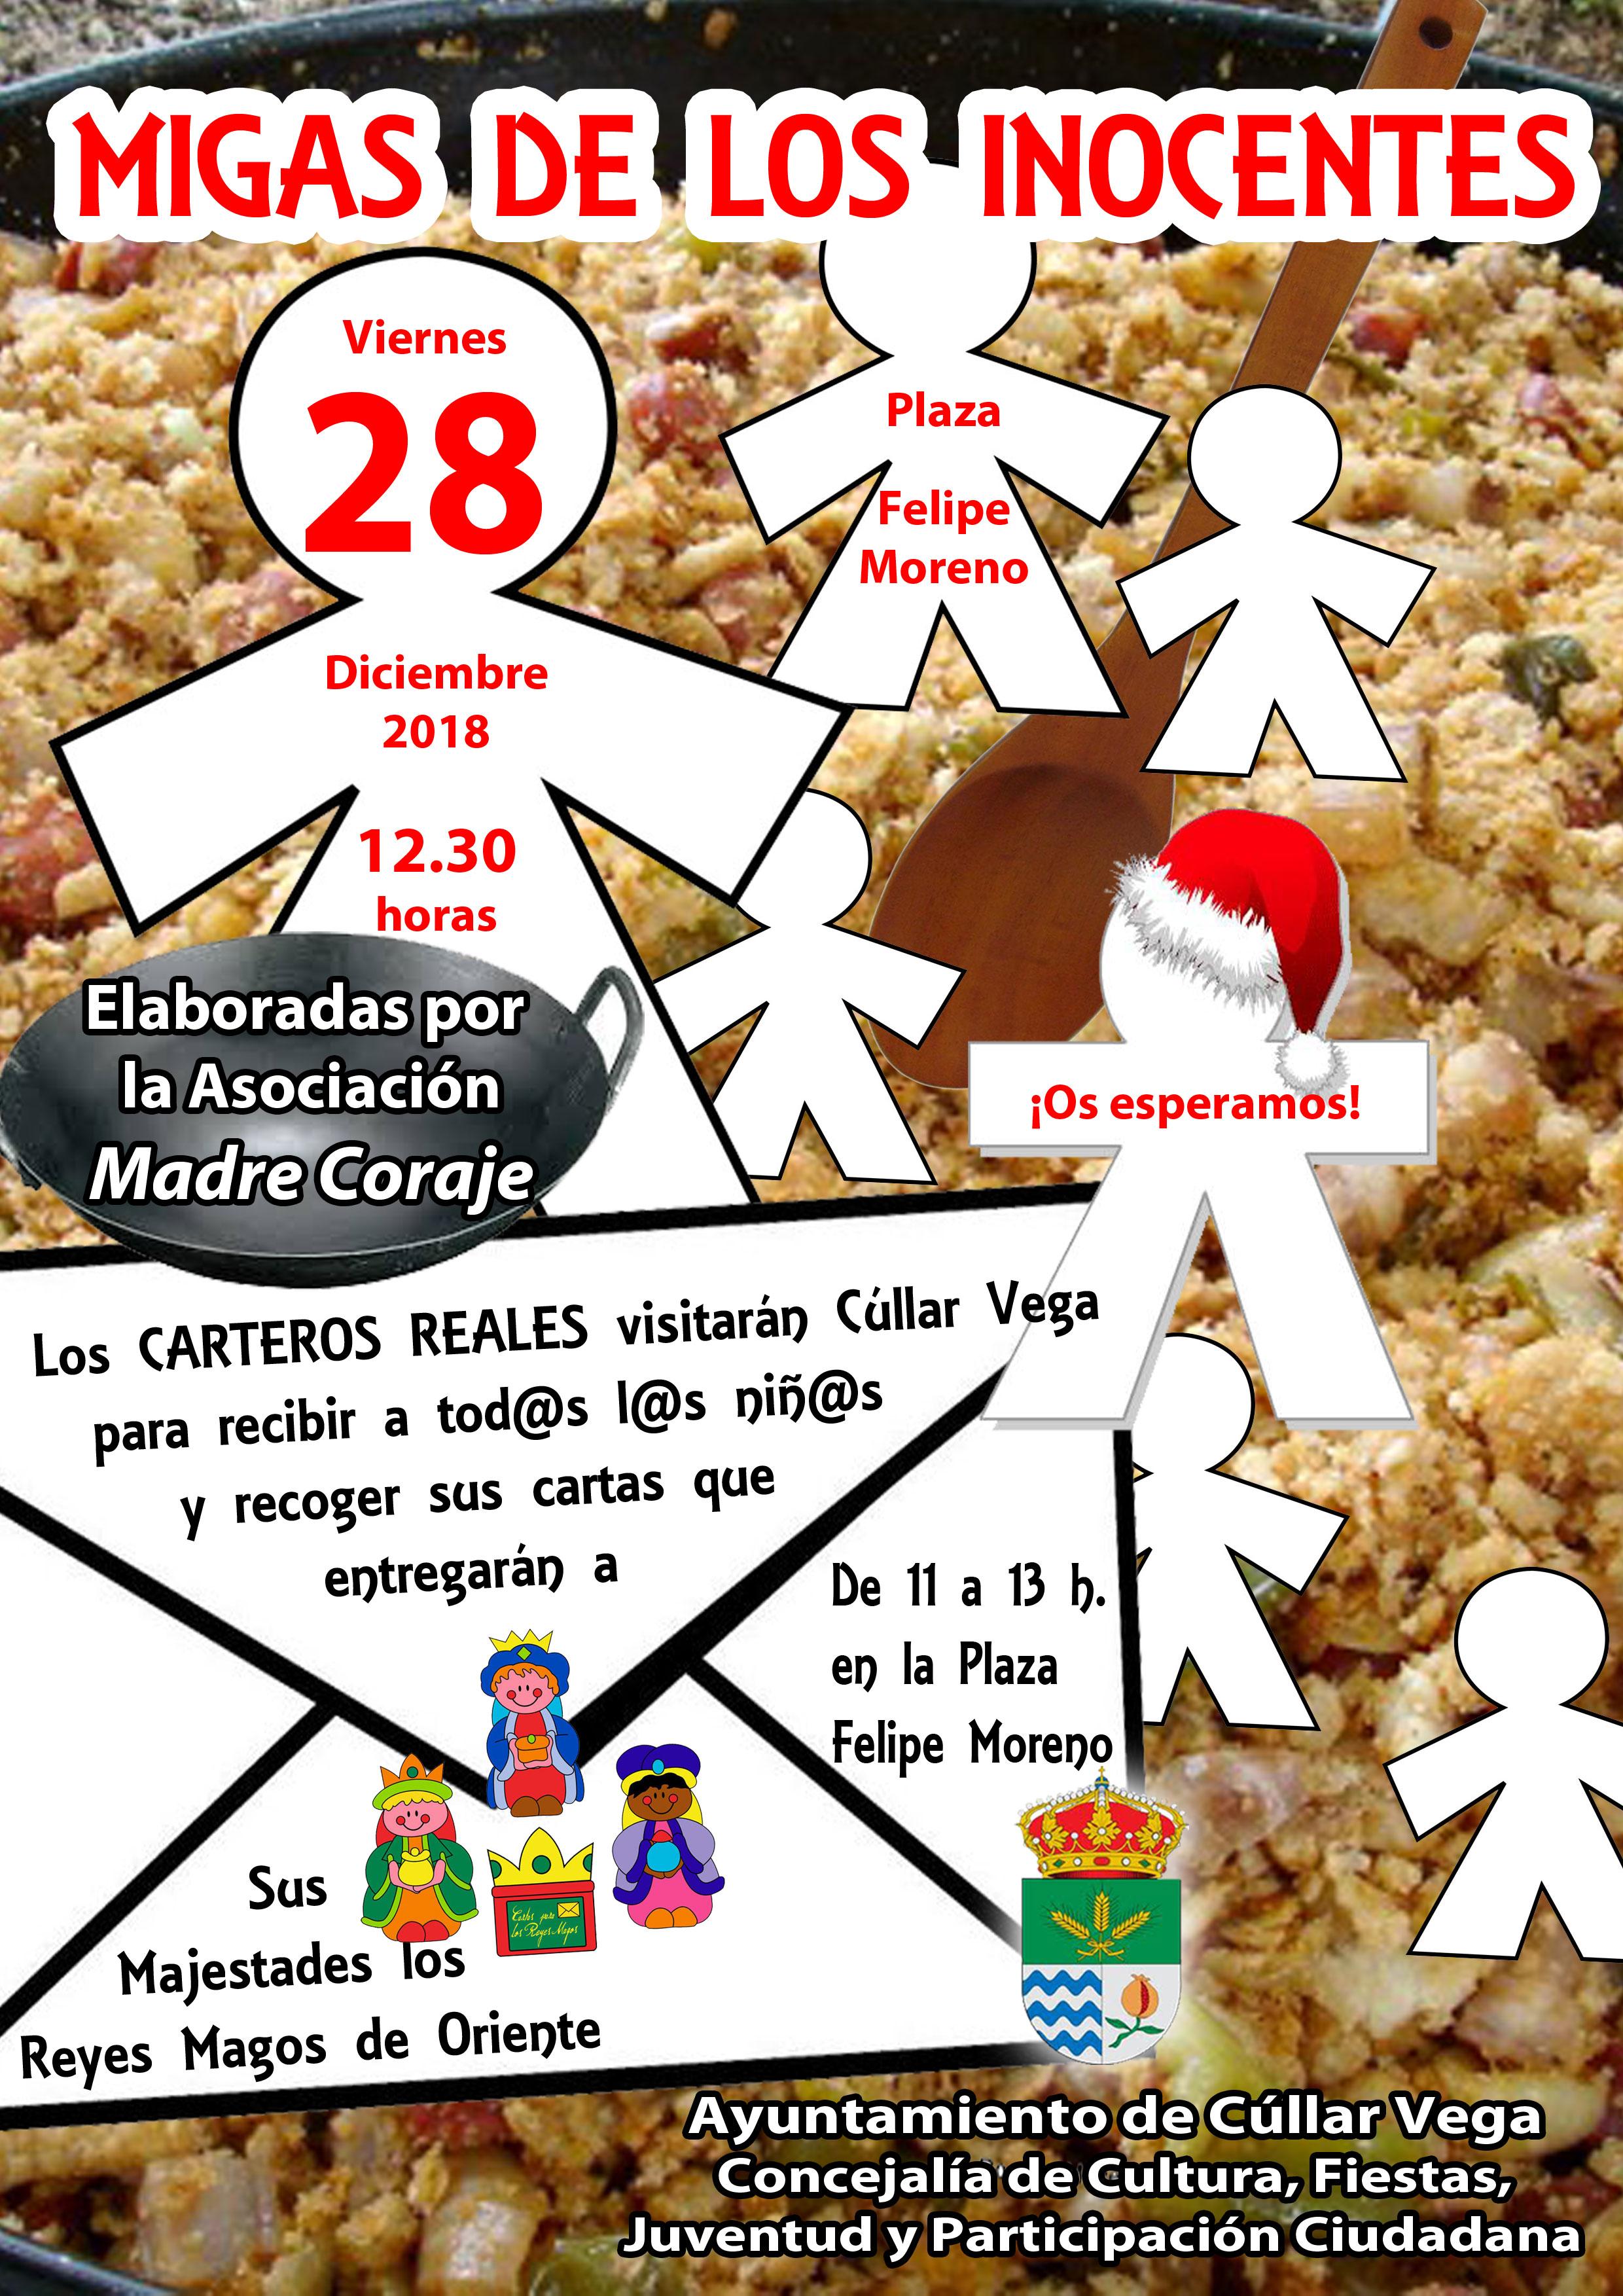 Migas de Los Santos Inocentes y Visita de Los Carteros Reales